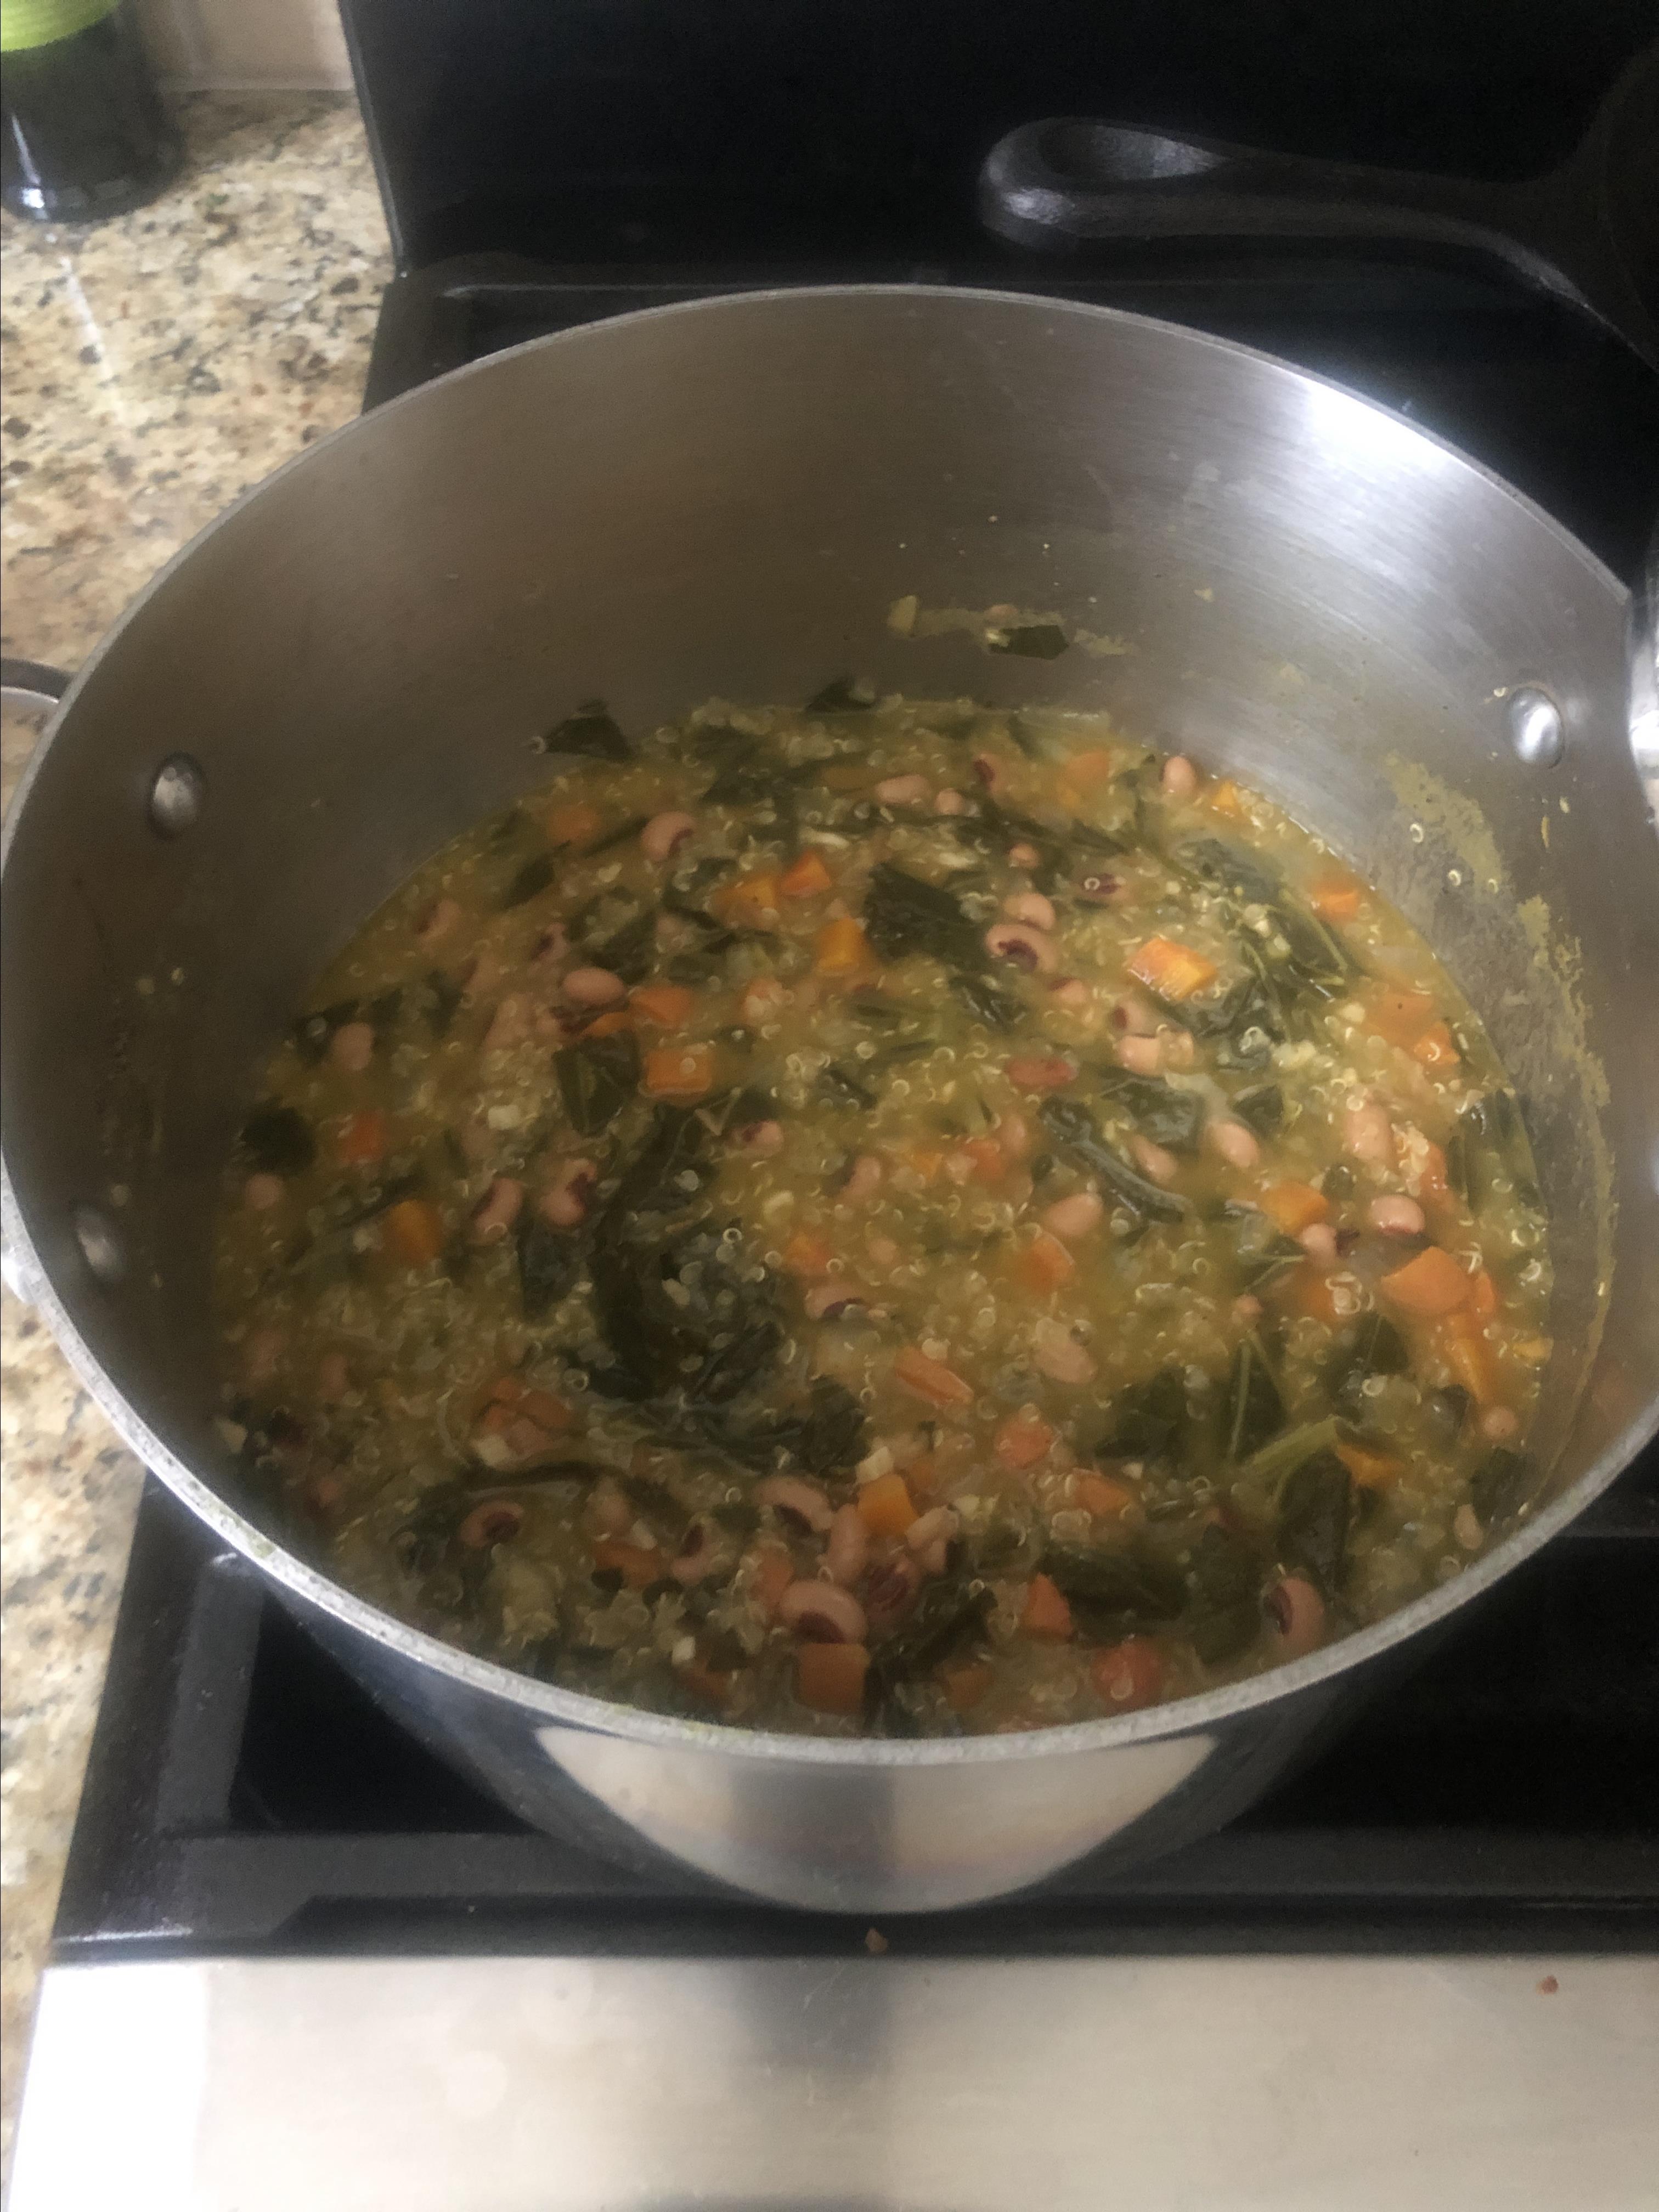 New Year's Soup Chaunta Horton